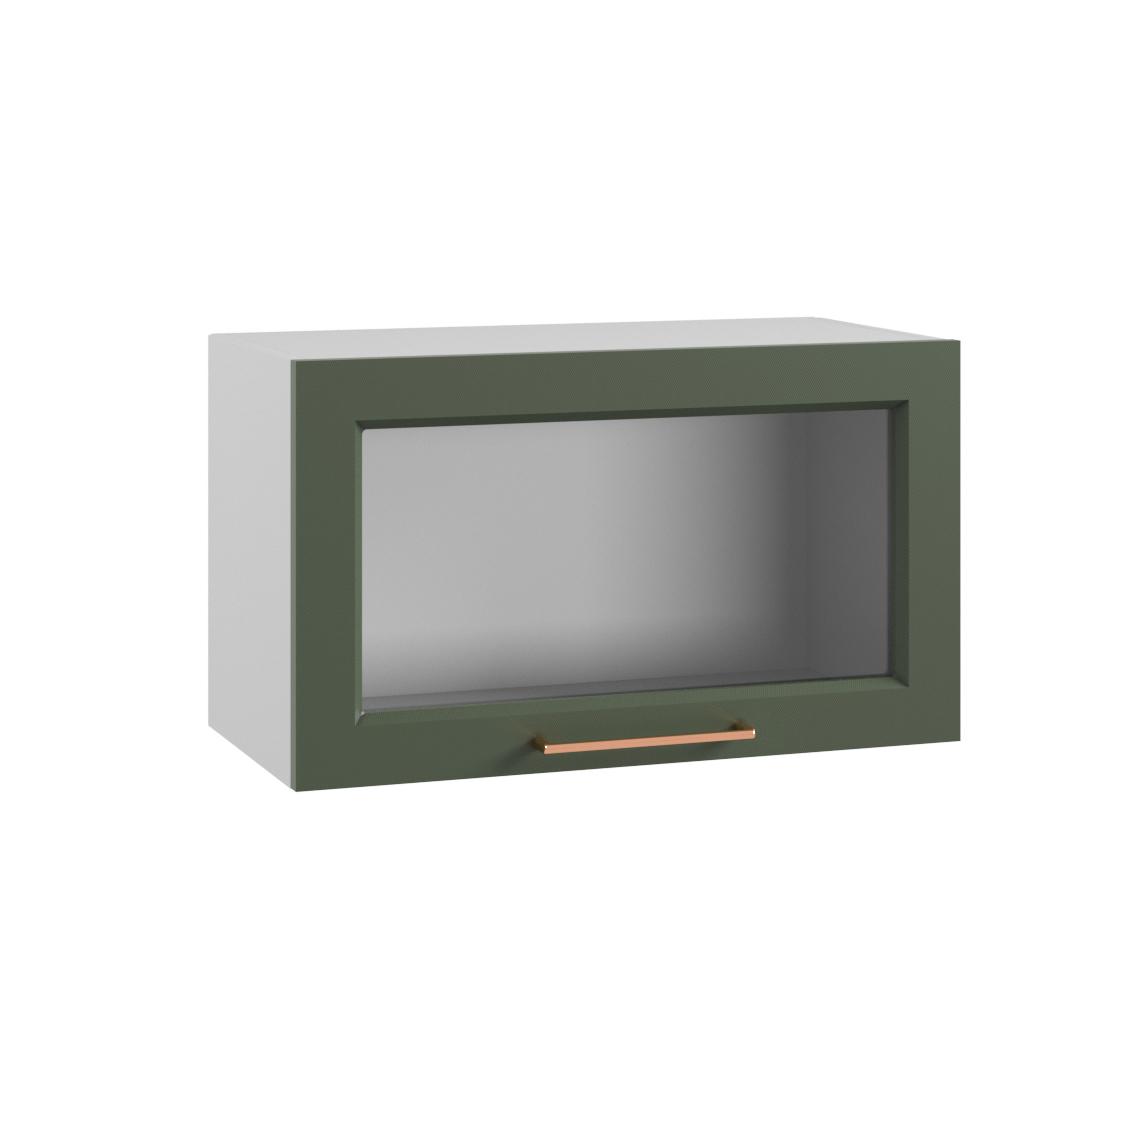 Кухня Квадро ГПГС 600 Шкаф верхний стекло глубина 574